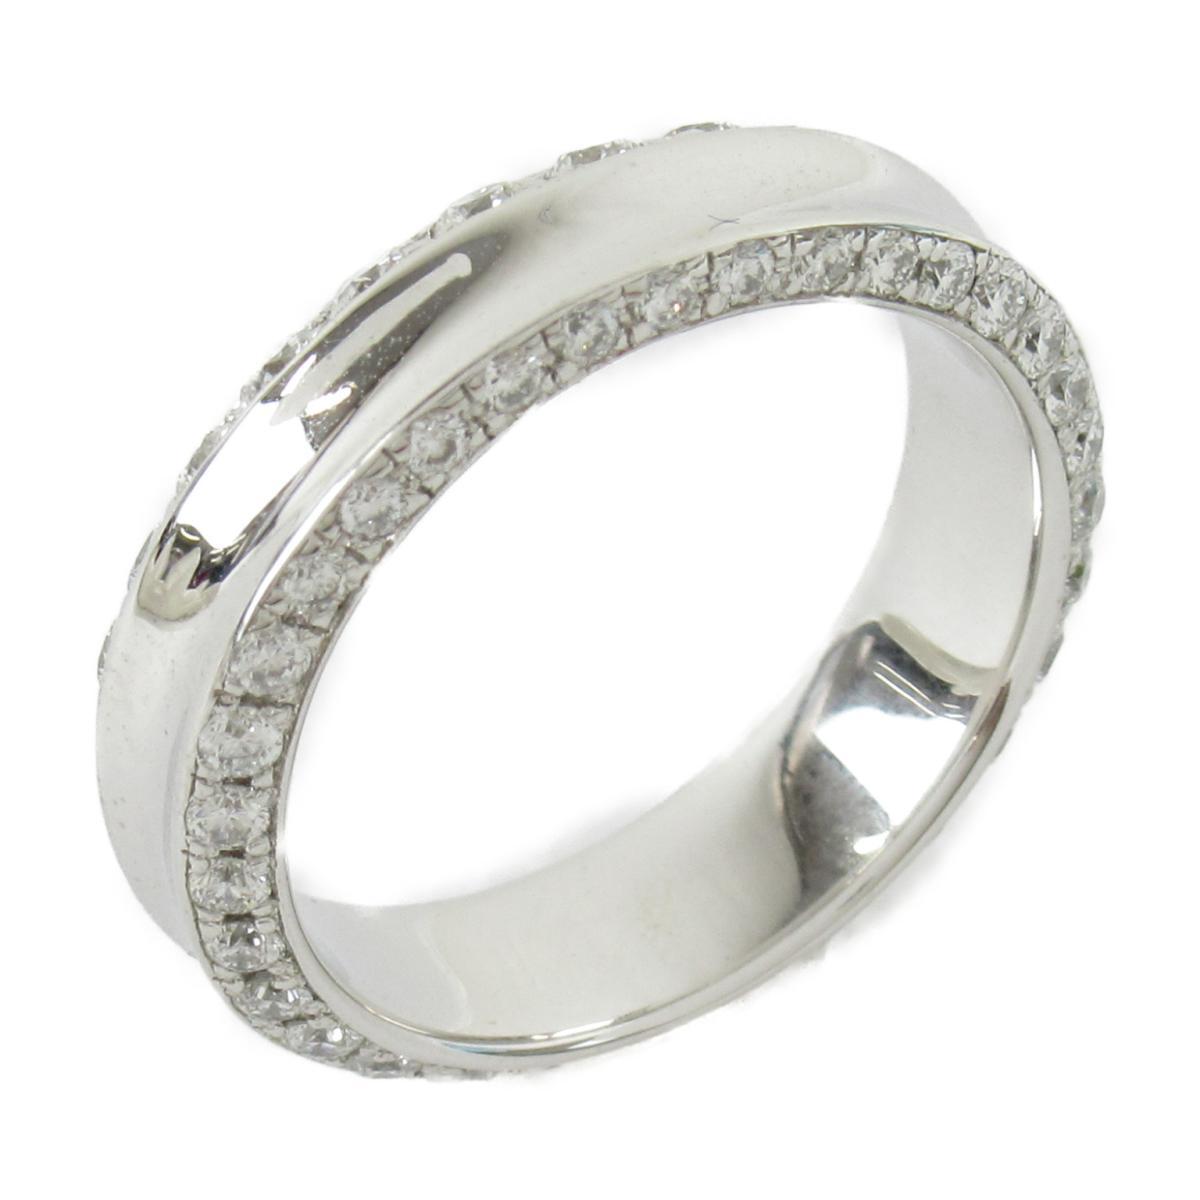 【中古】ジュエリー ダイヤモンド リング 指輪 ユニセックス K18ホワイトゴールドxダイヤモンド(1.06ct)